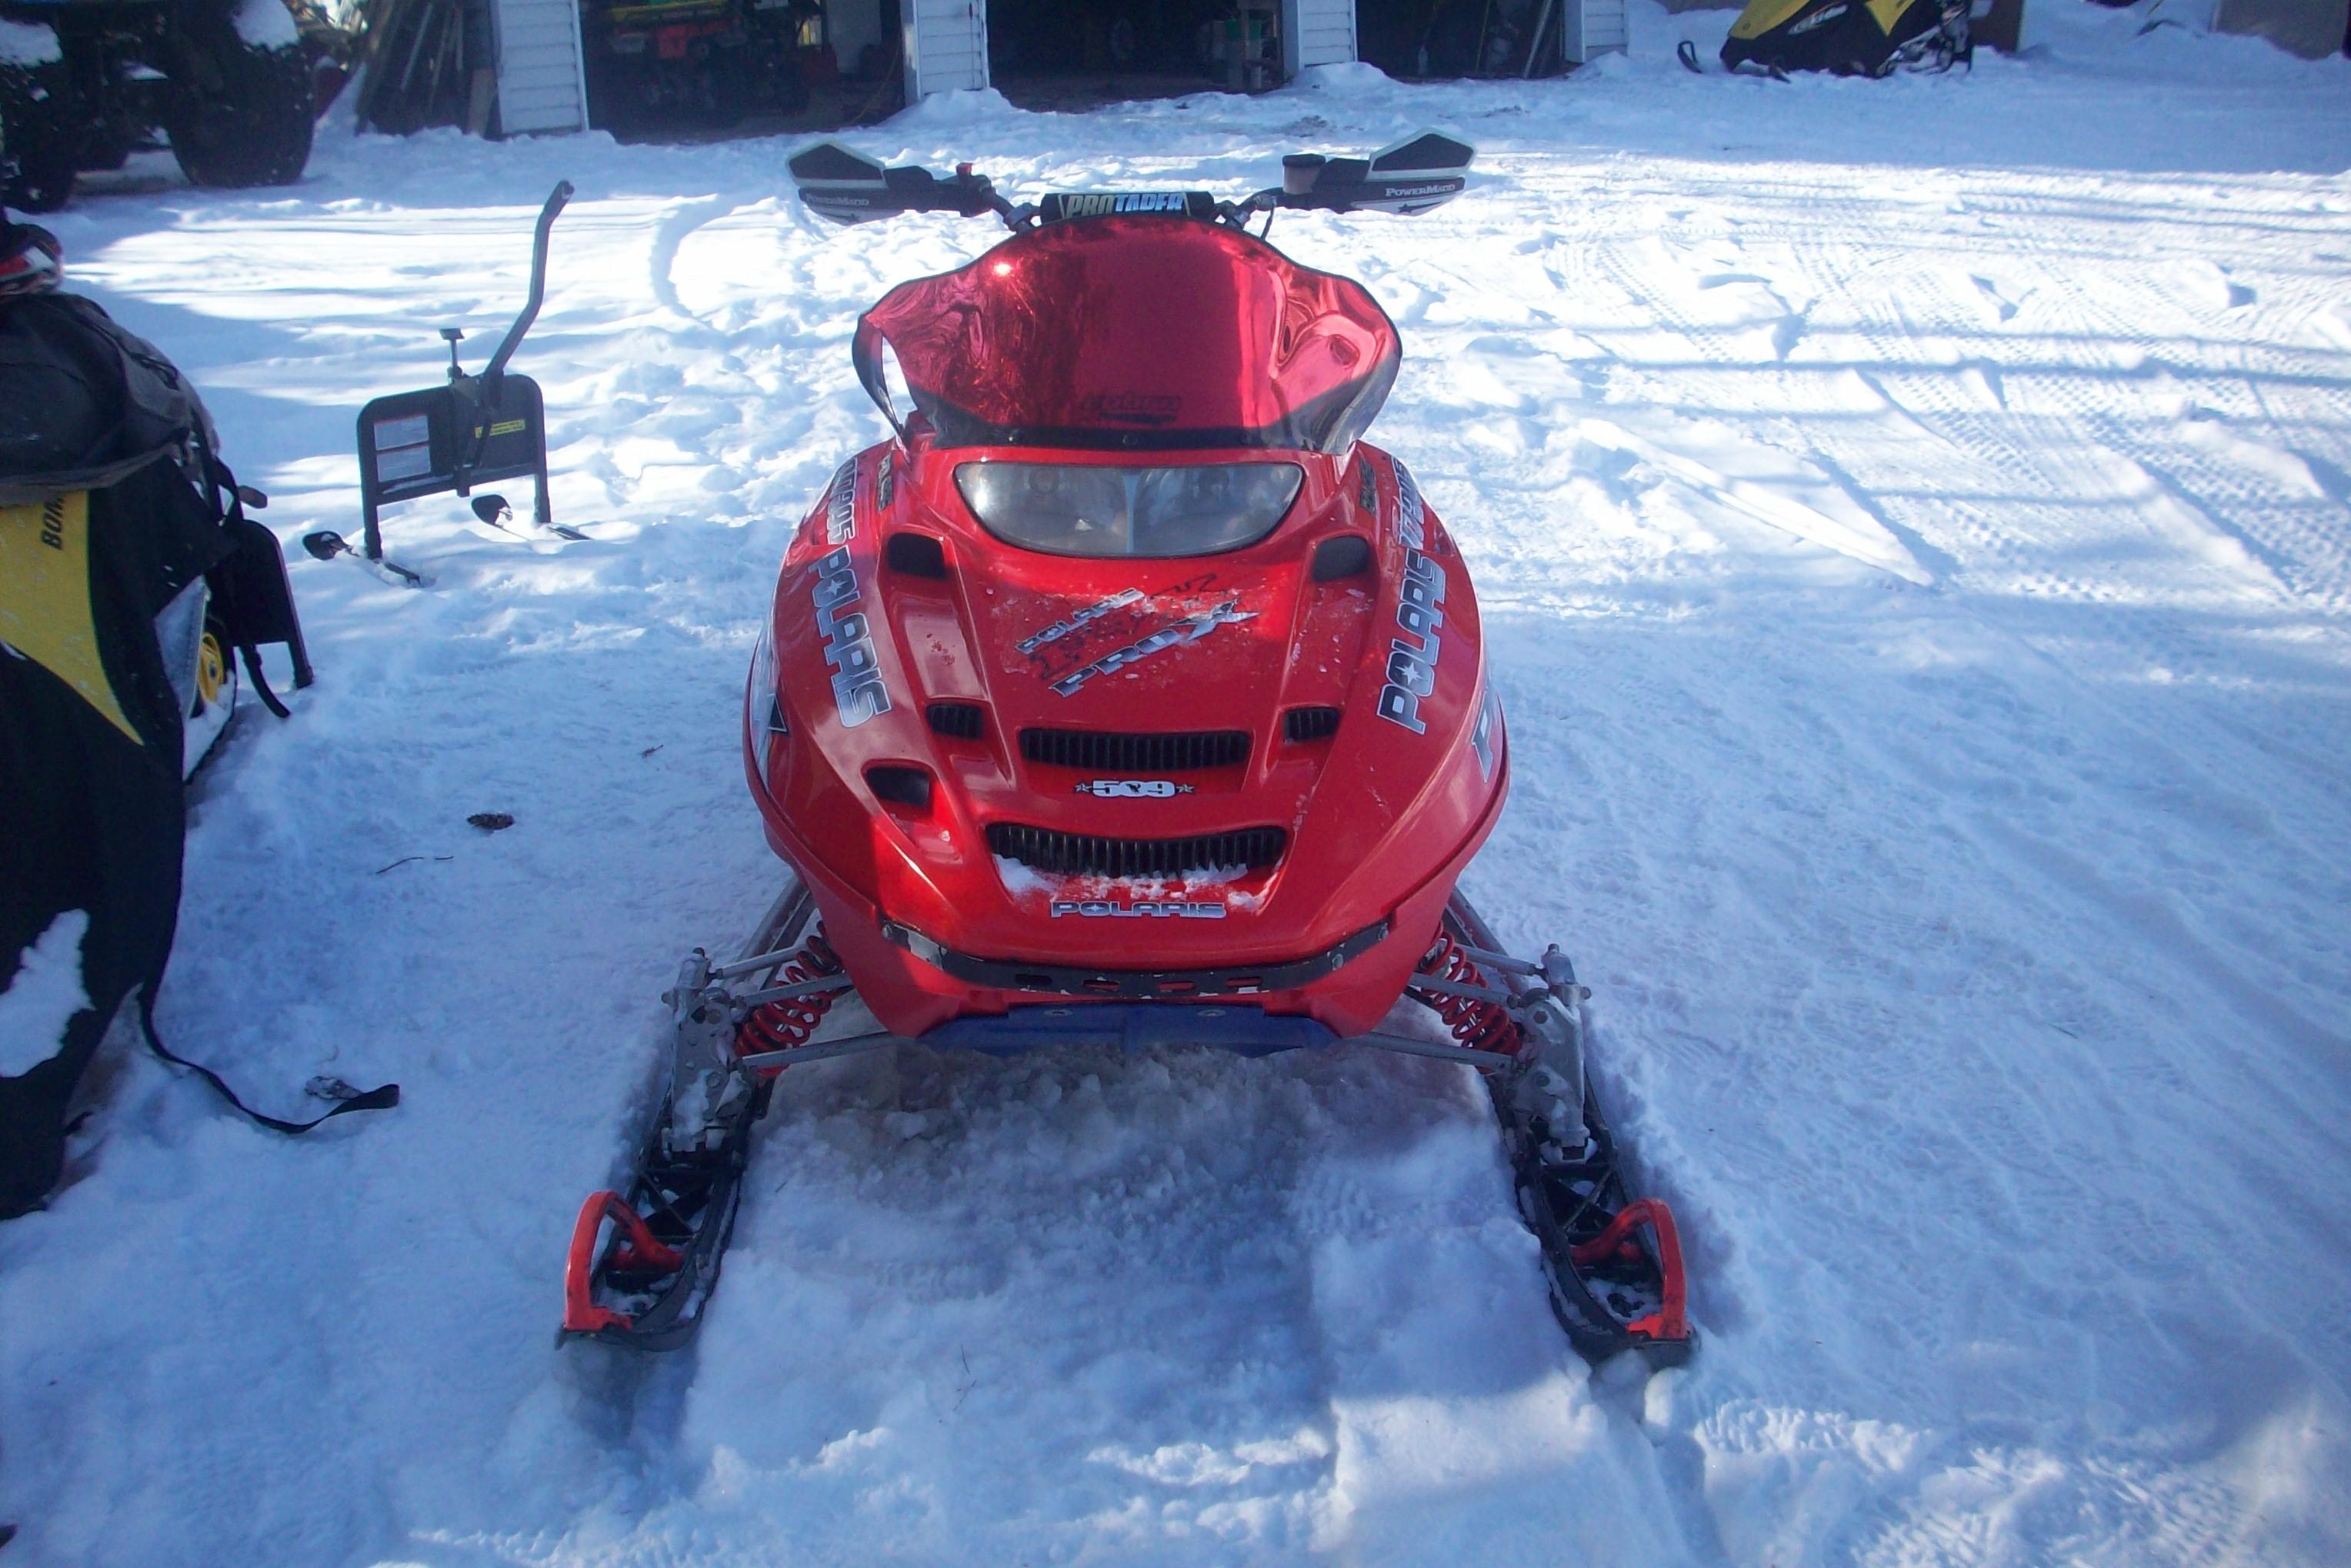 2001 Polaris XcSp 700 amp 20025 Polaris Pro X 600